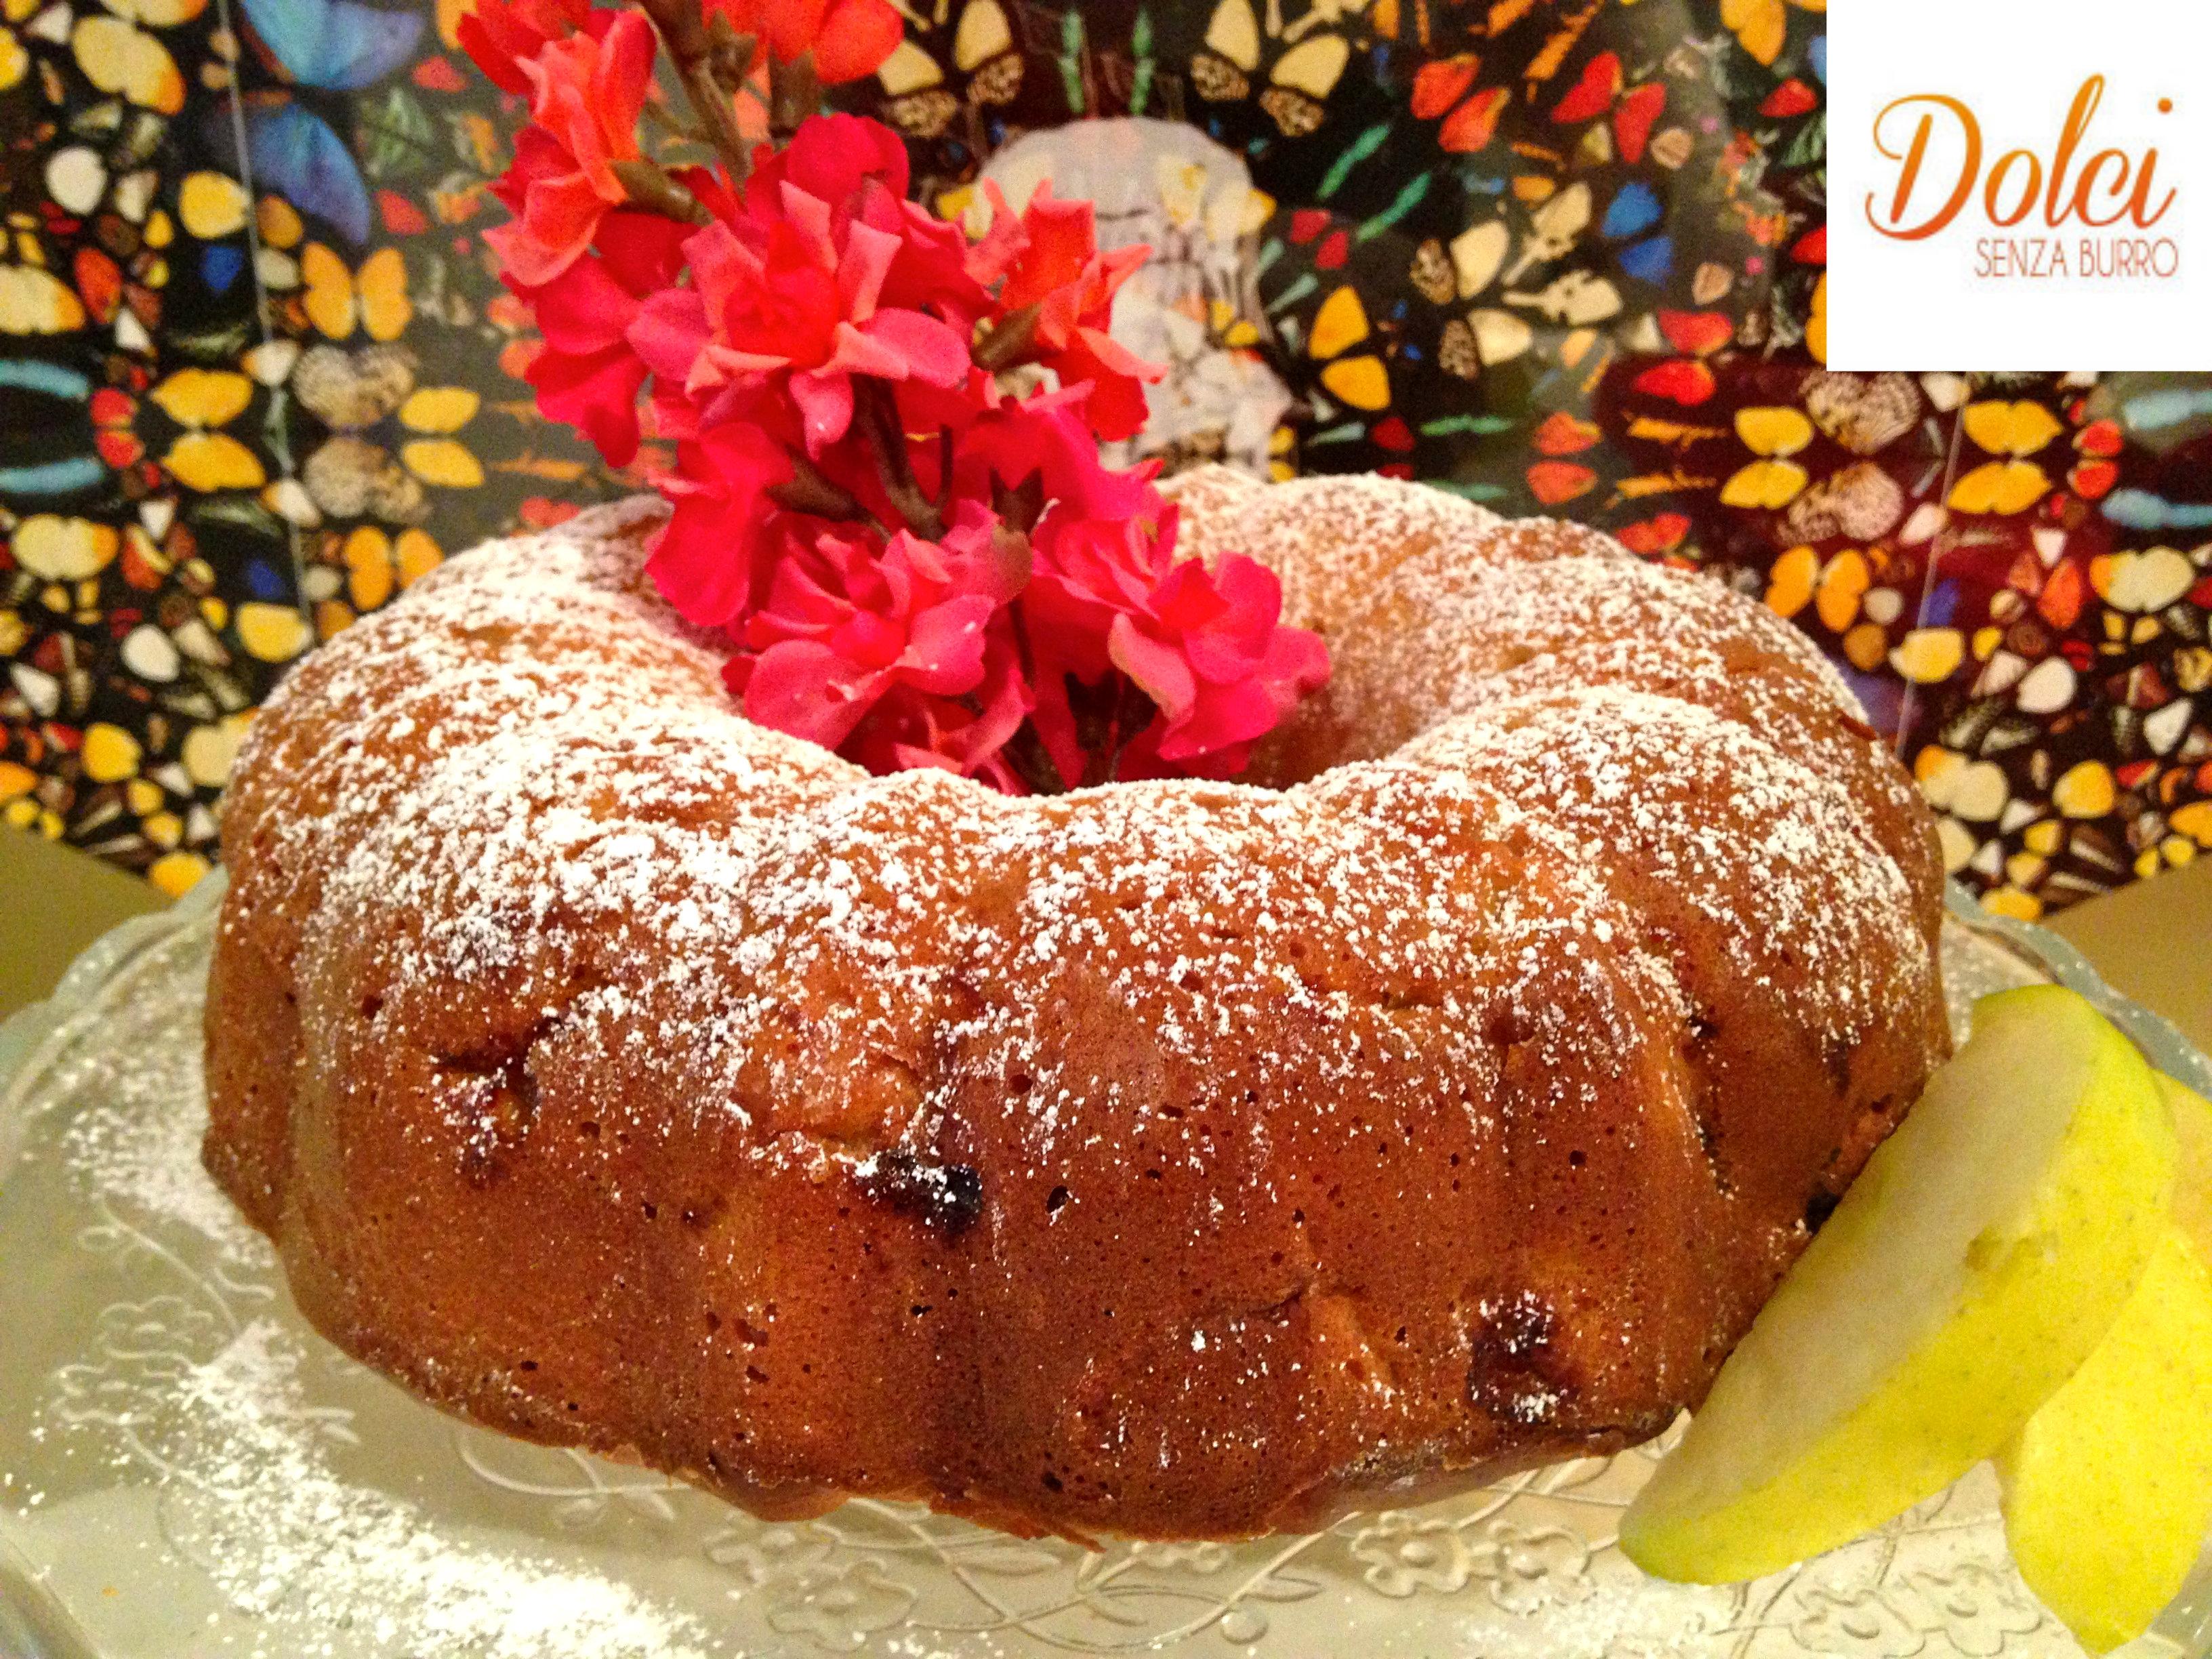 Ciambellone Senza Burro alle Mele e Cardamomo , il dolce di mele speciale di dolci senza burro